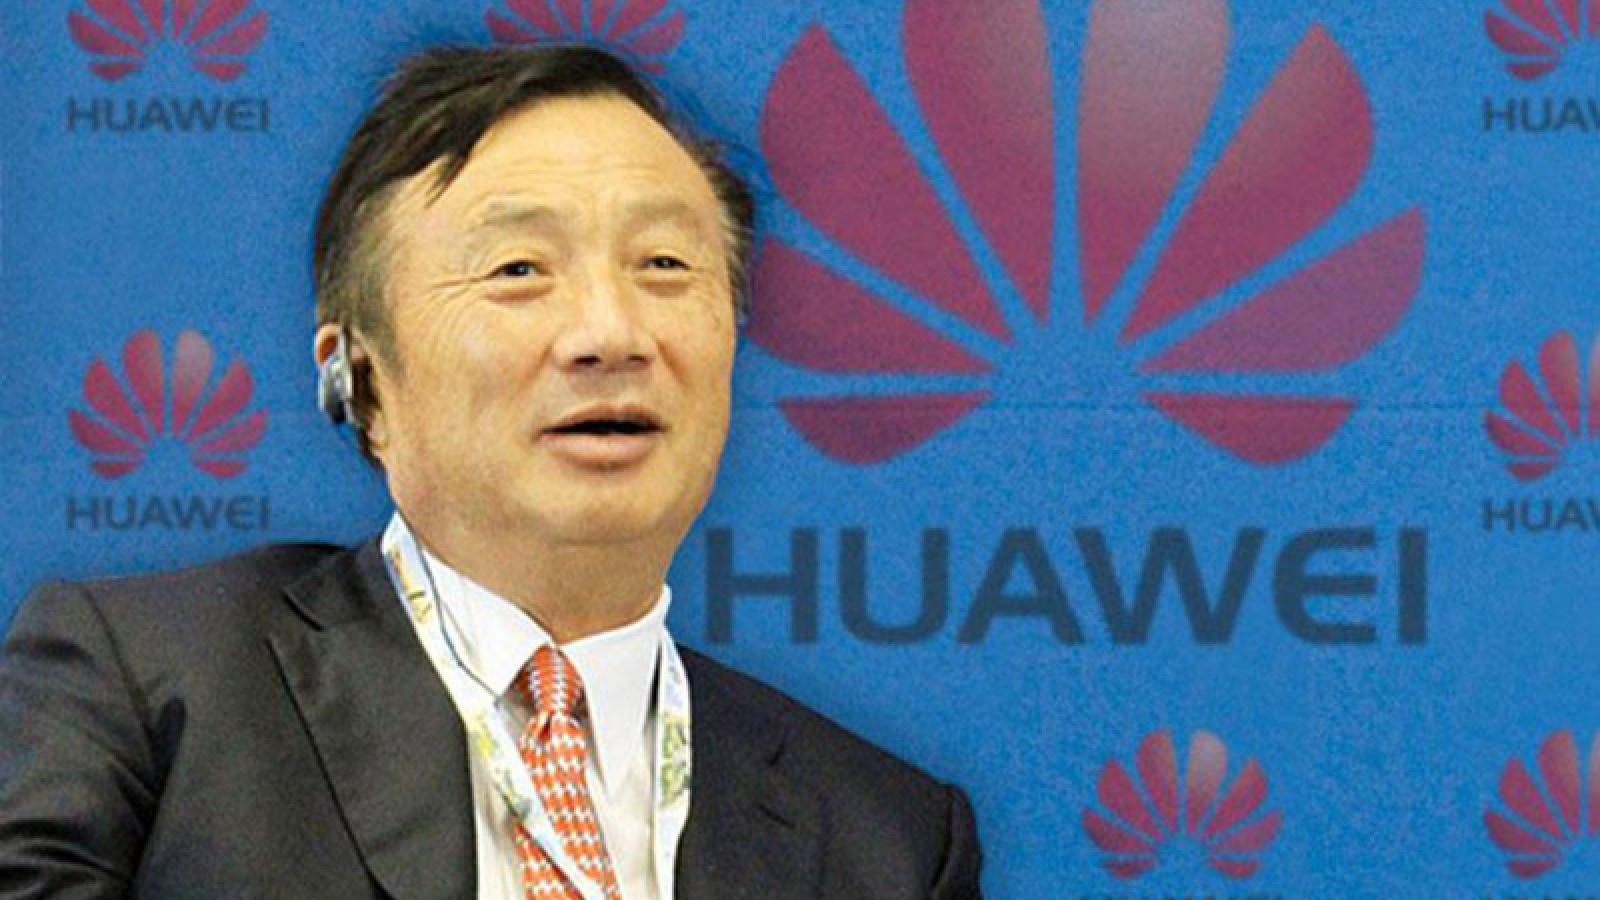 Chủ tịch Huawei hy vọng vào chính sách cởi mở từ chính quyền mới của Mỹ